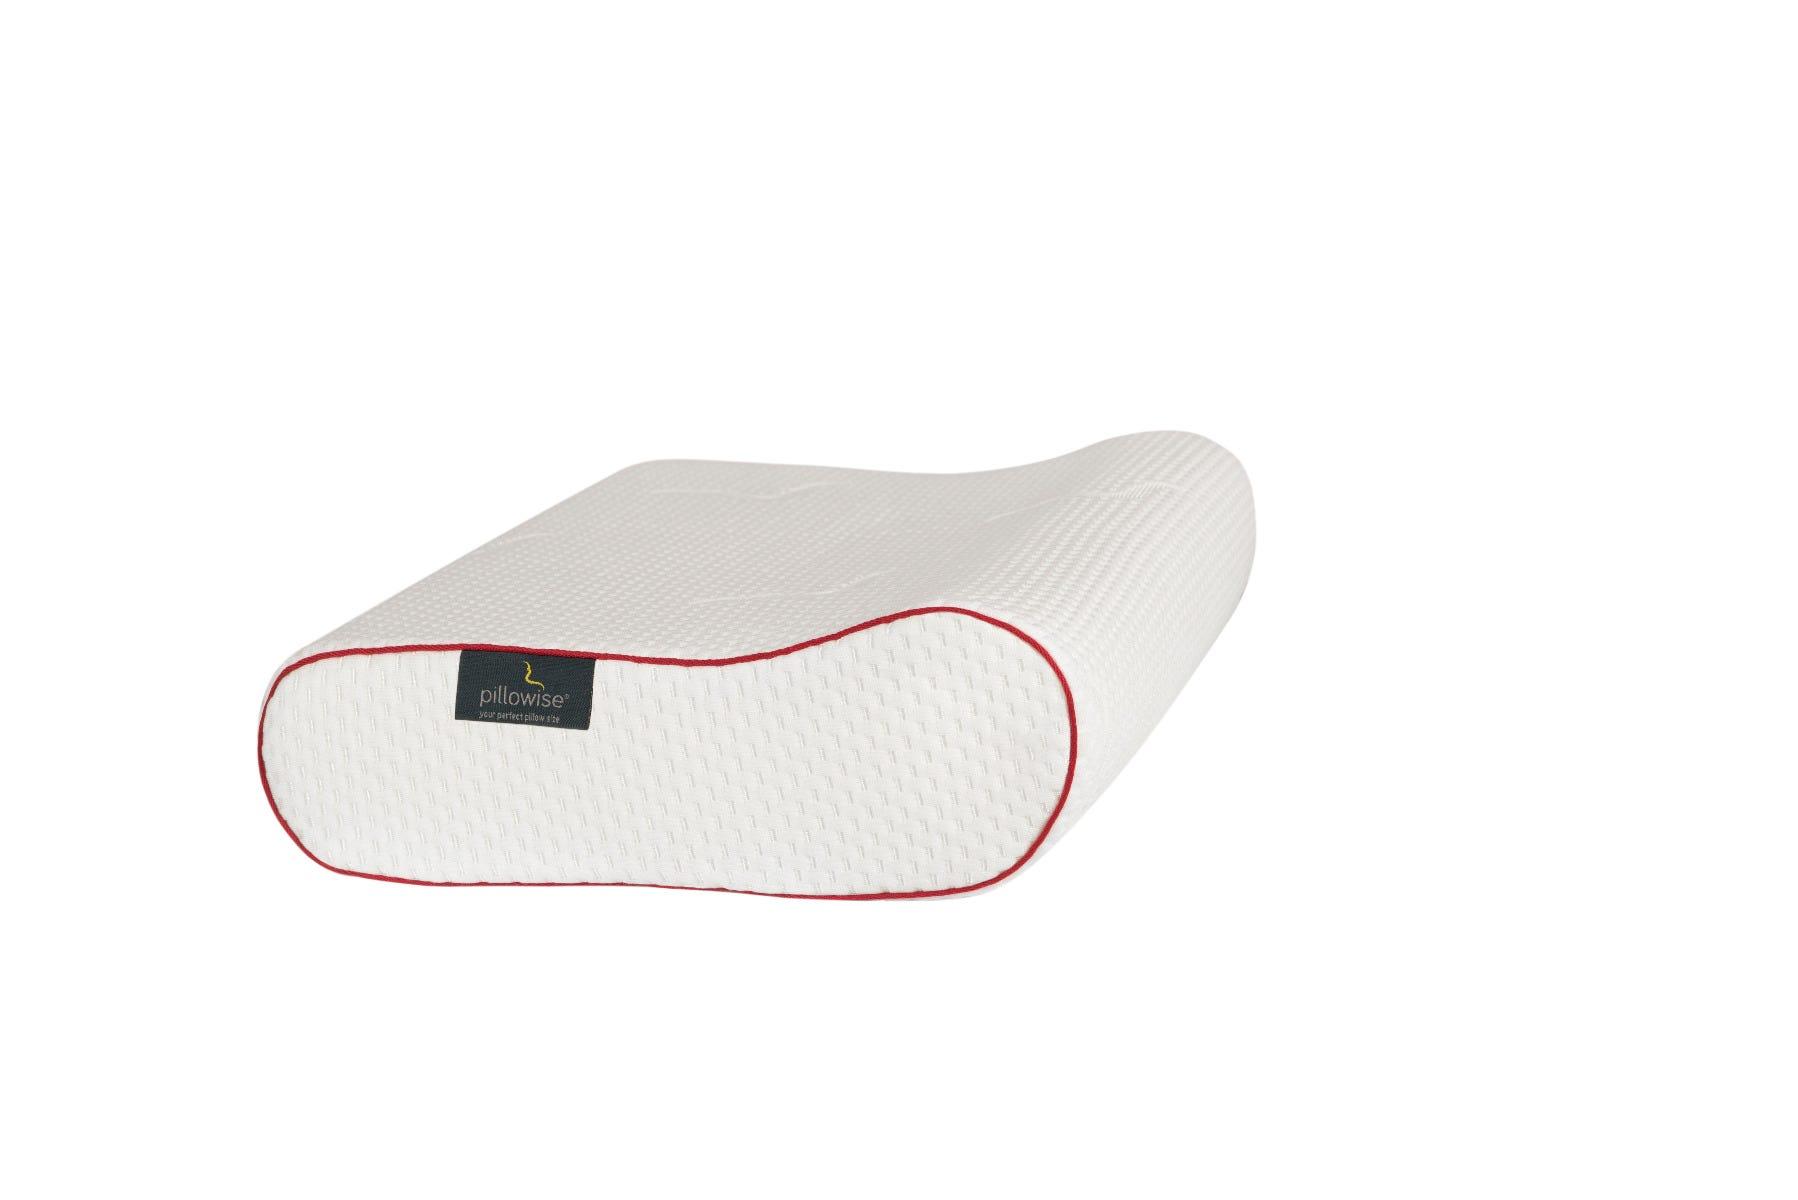 Almohada terapéutica de poliuretano Pillowise® color rojo